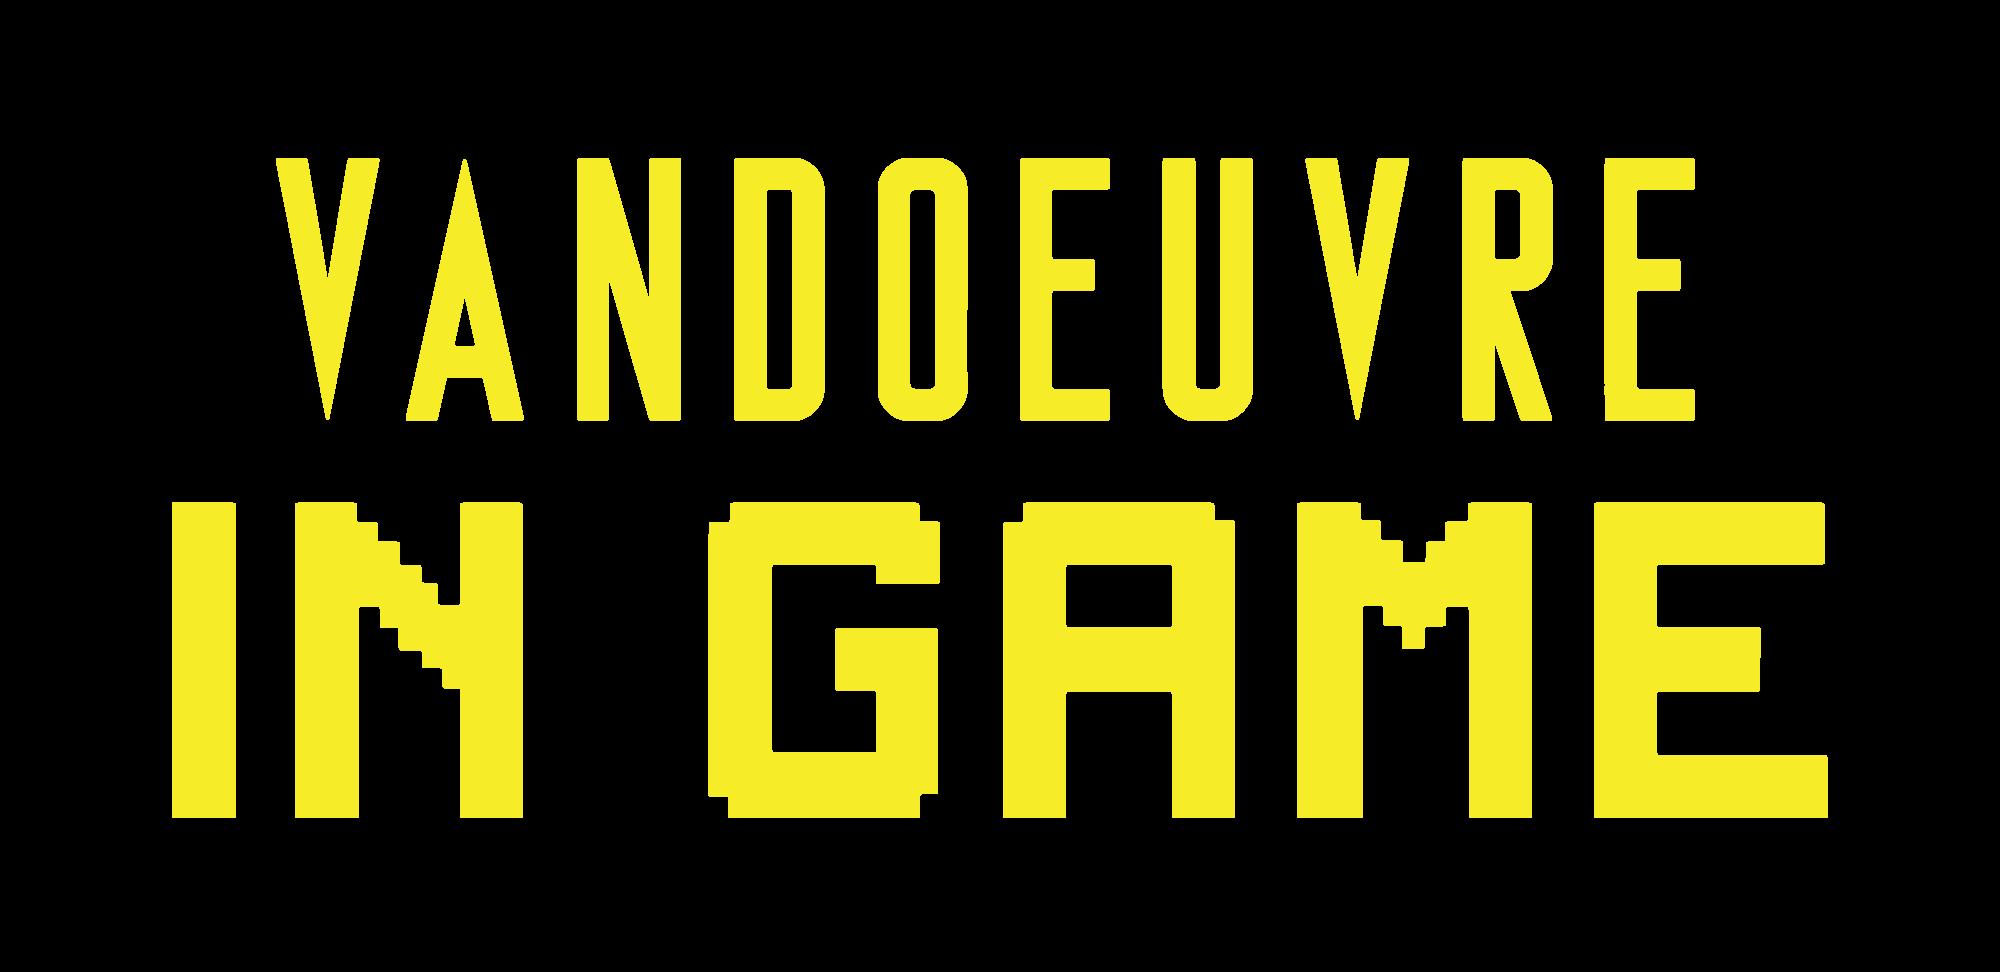 Vandœuvre In Game